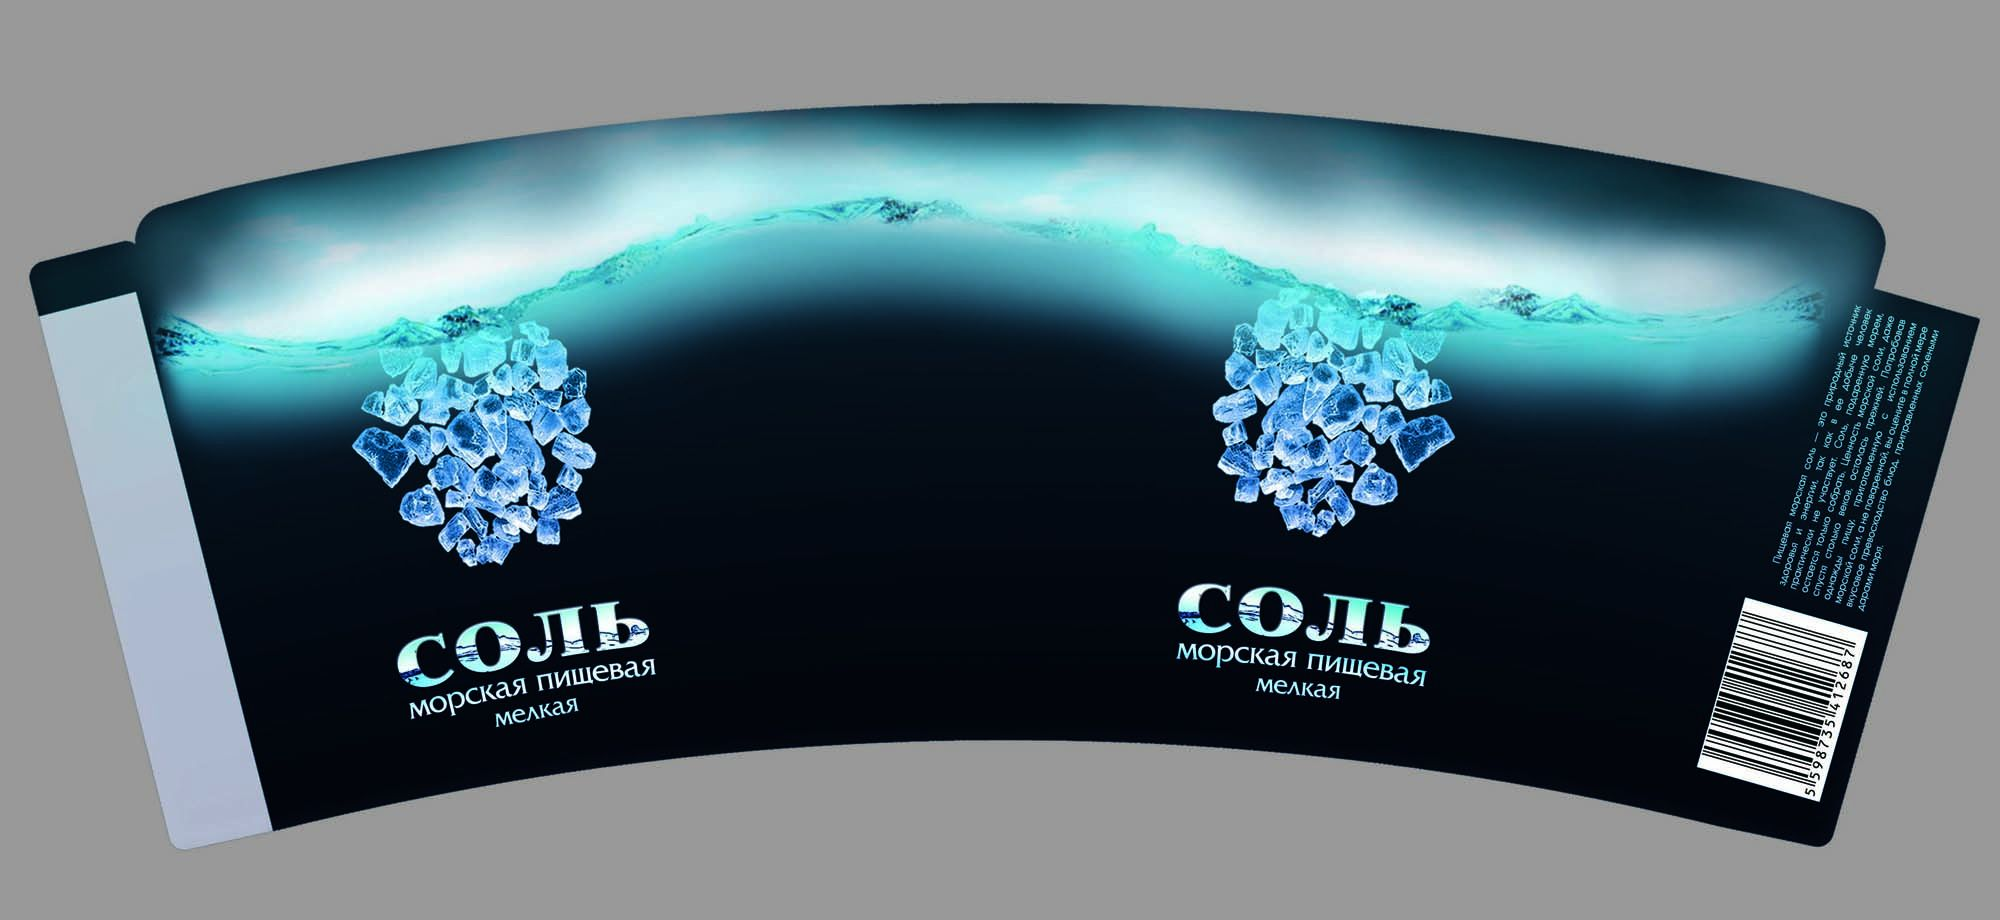 Дизайн этикетки для соли пищевой морской  - дизайнер Mini_kleopatra